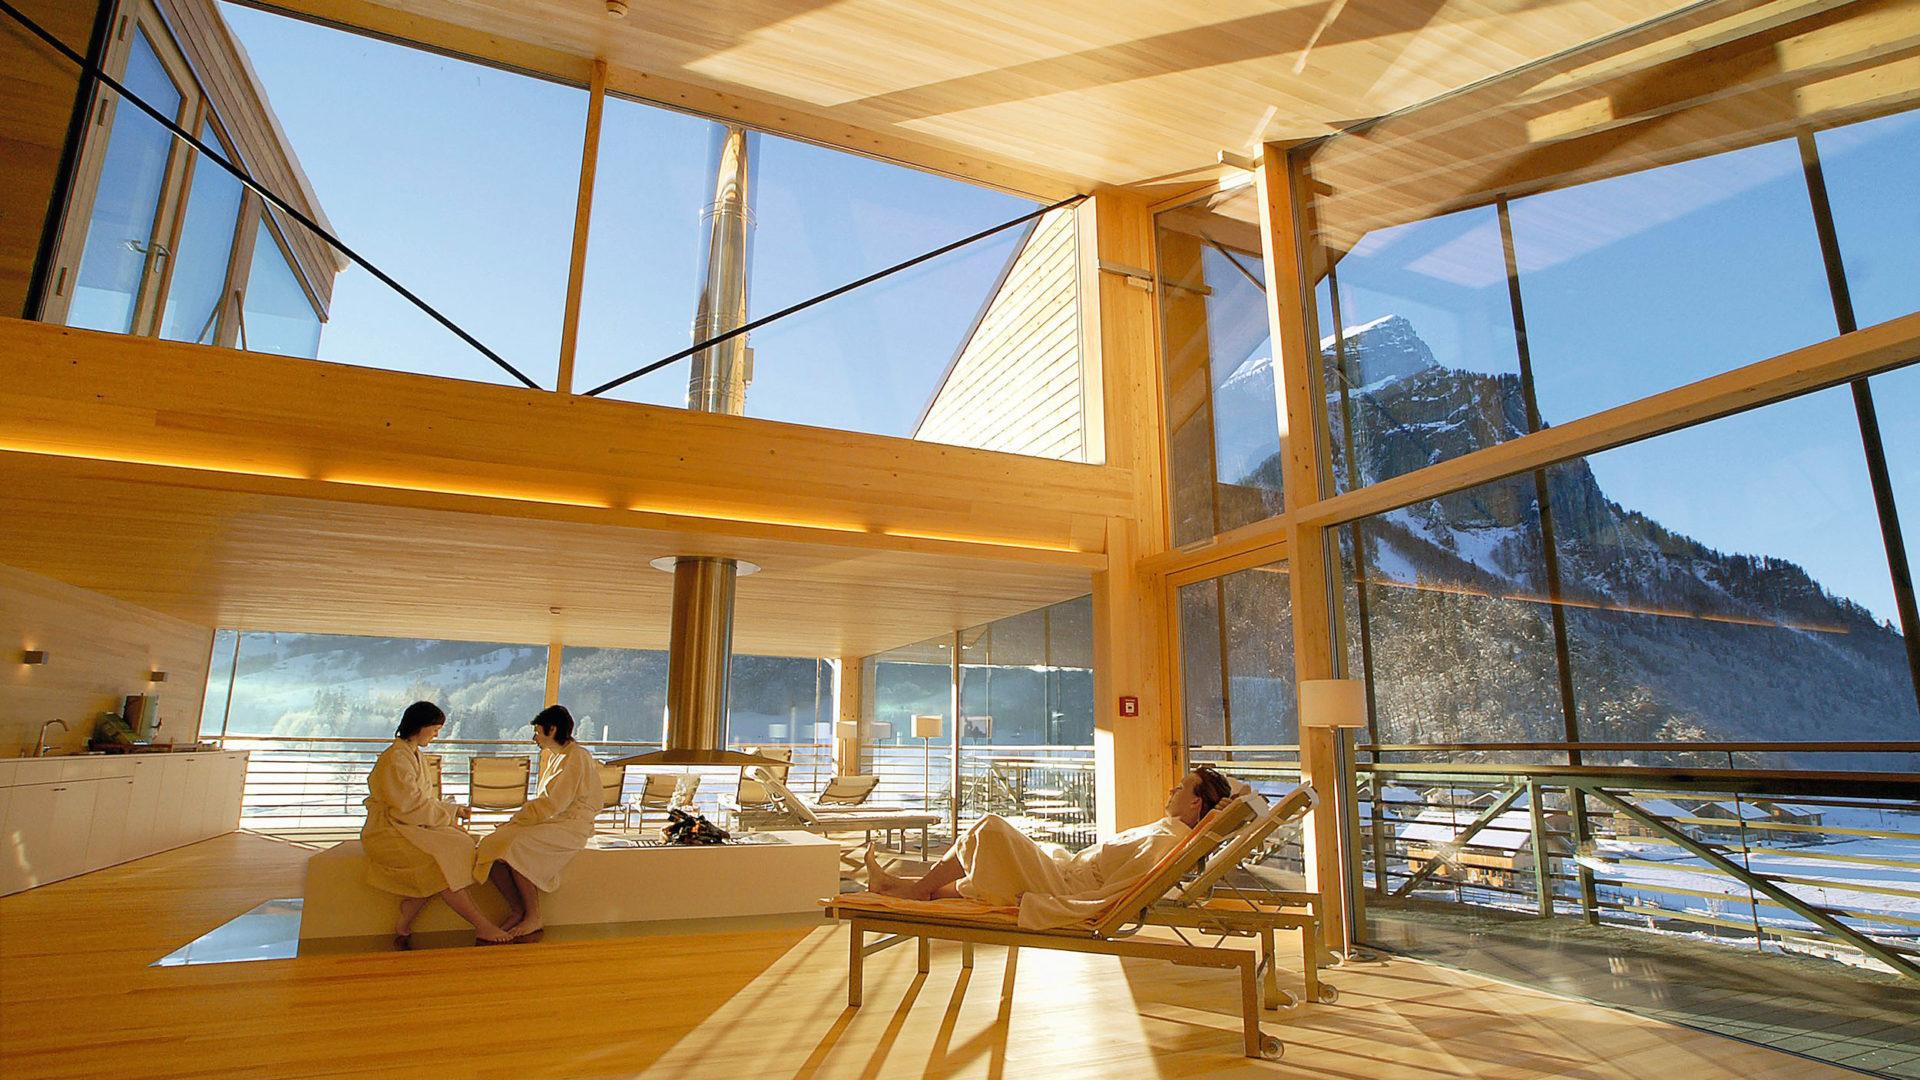 Wellness bregenzerwald in vorarlberg for Wellness design hotel deutschland